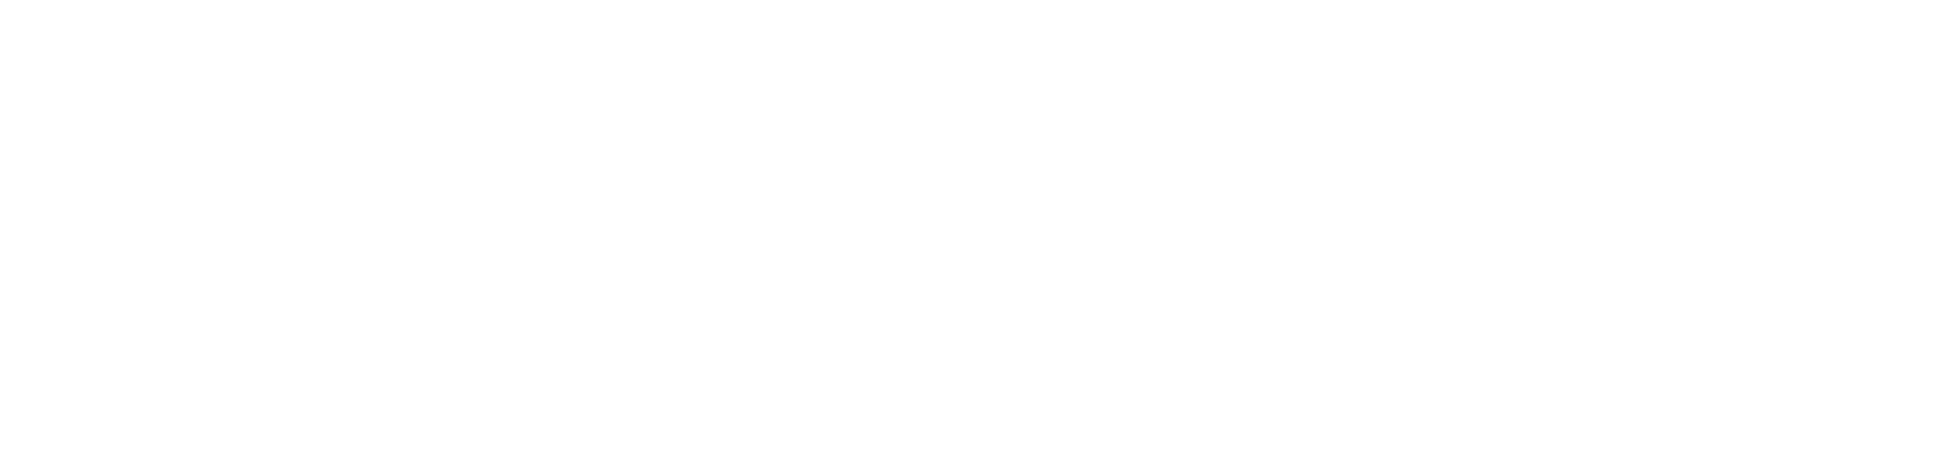 Cru-Logo-White.png